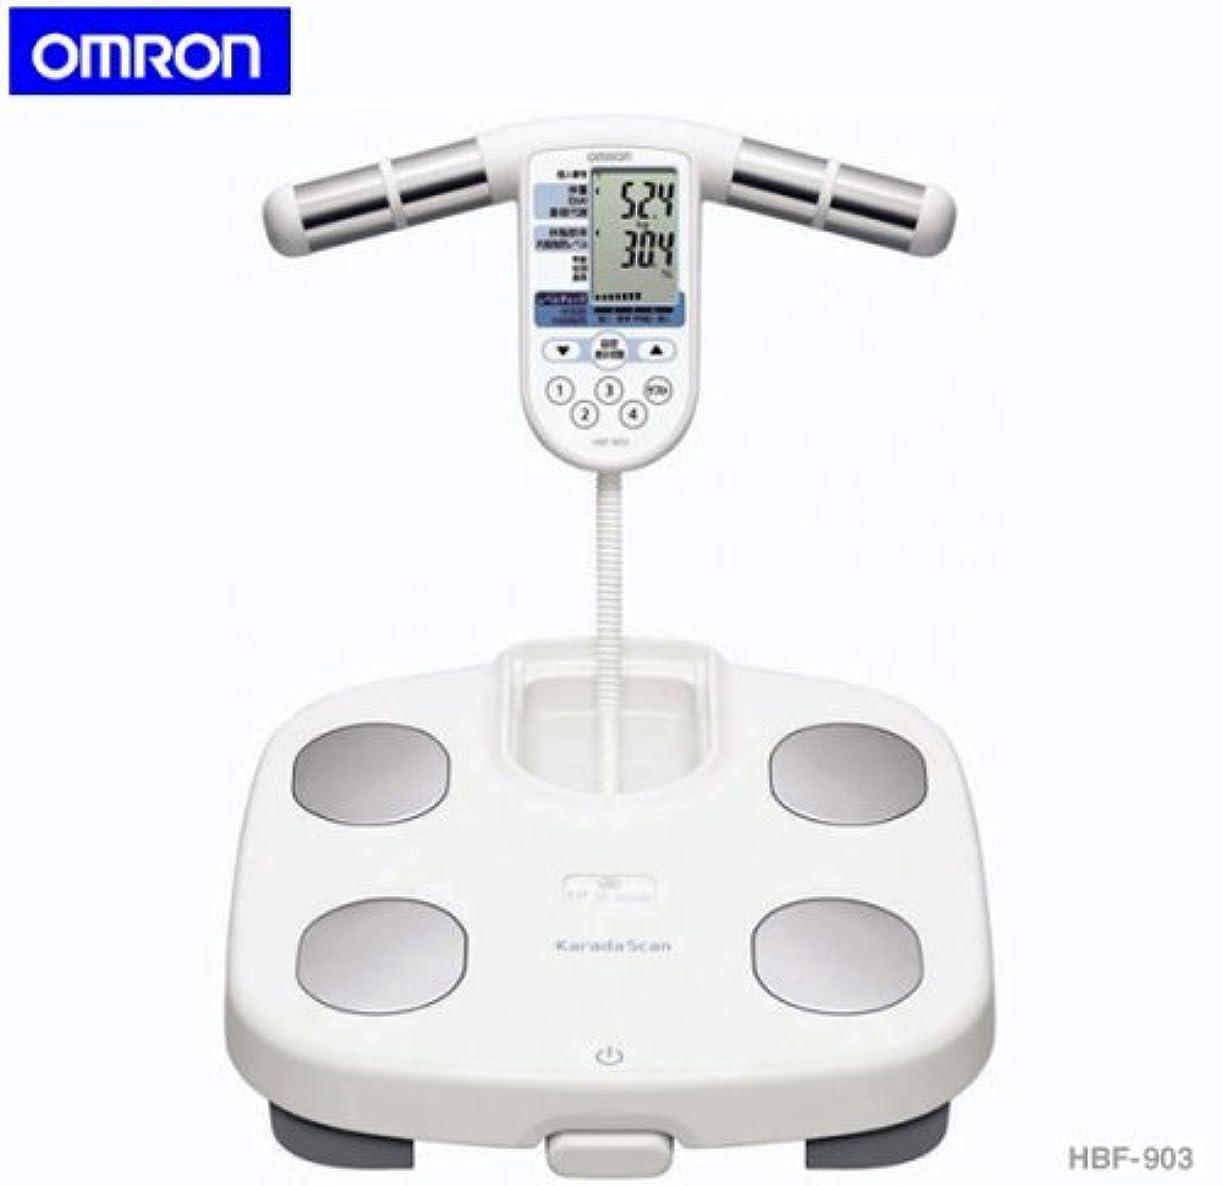 インクがっかりした論争OMRONオムロン 体重体組成計HBF-903 体重計 両手両足測定式 基礎代謝体脂肪率から内蔵脂肪までチェック